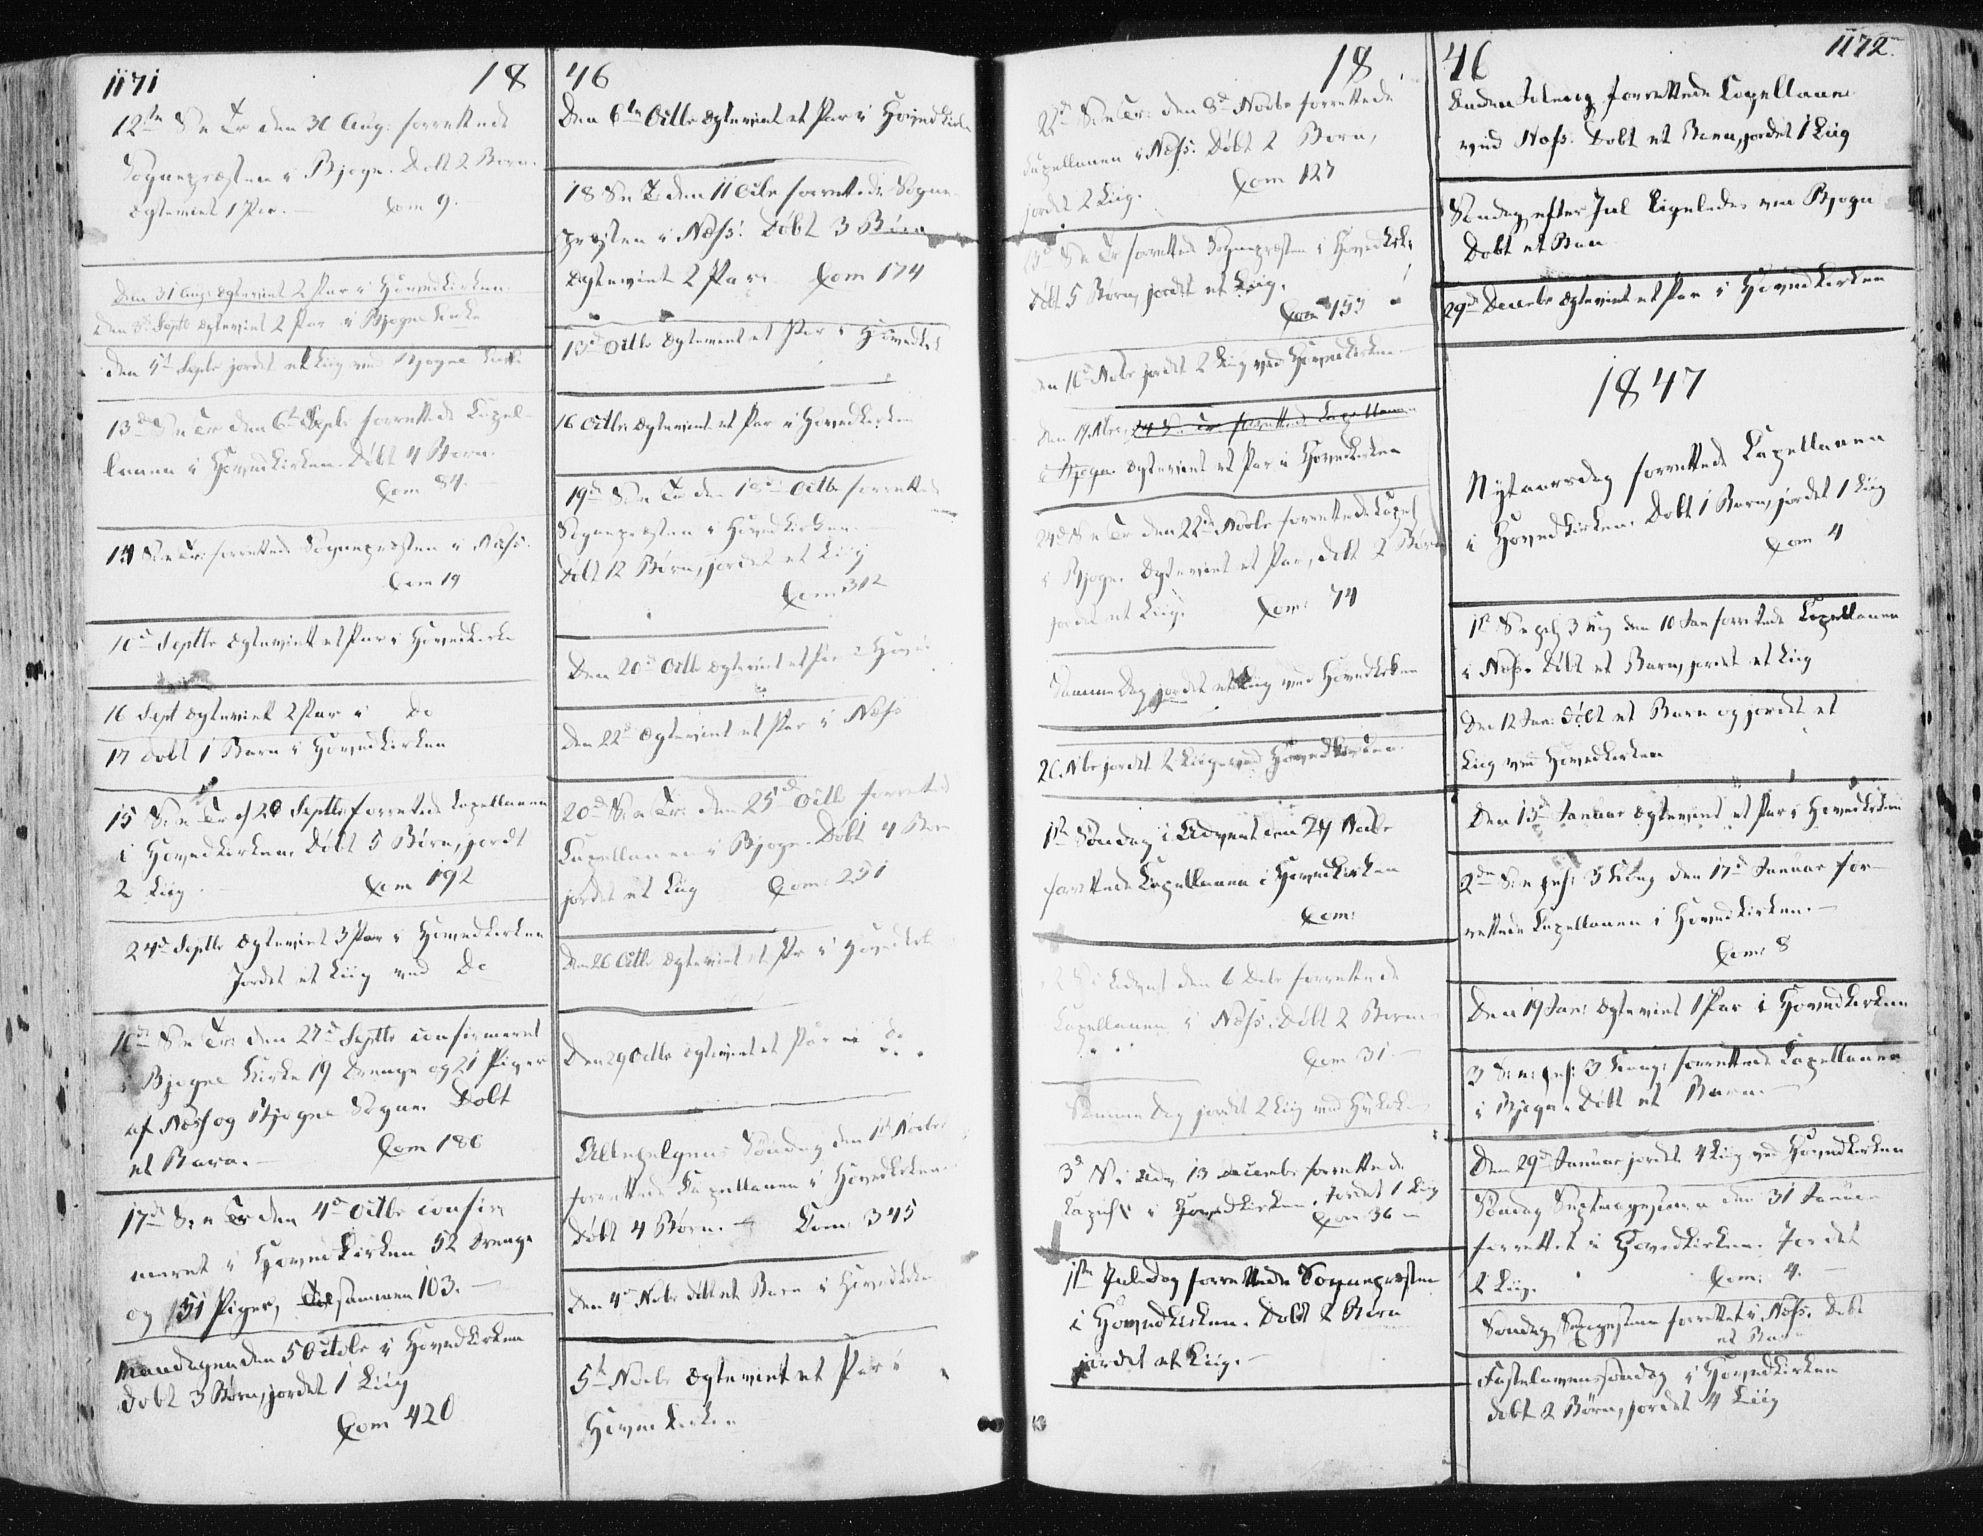 SAT, Ministerialprotokoller, klokkerbøker og fødselsregistre - Sør-Trøndelag, 659/L0736: Ministerialbok nr. 659A06, 1842-1856, s. 1171-1172